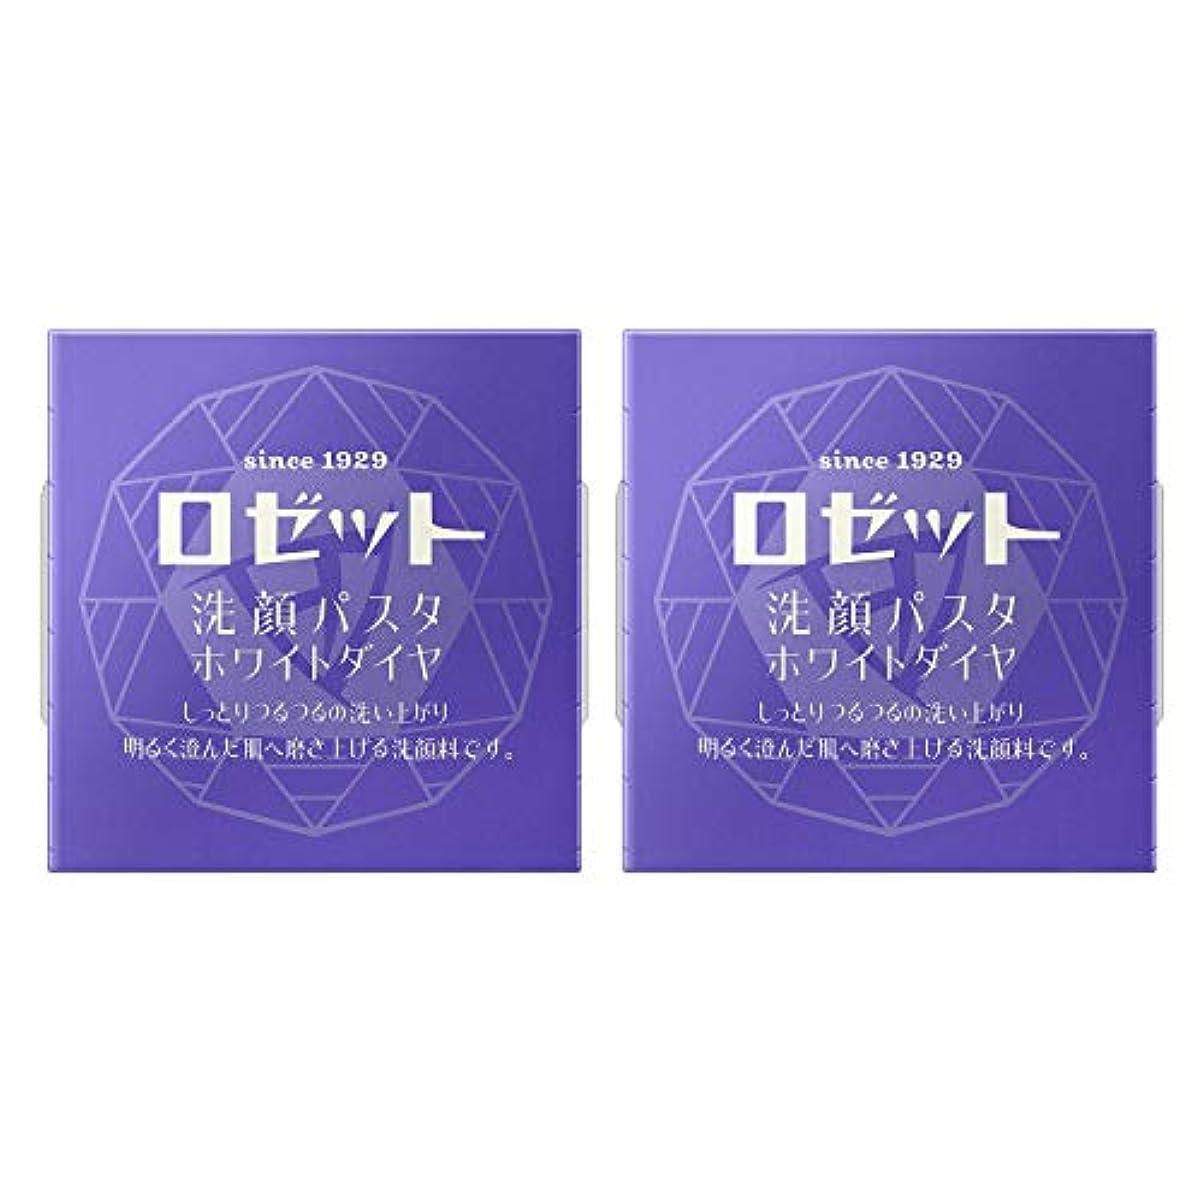 素晴らしい良い多くのトマト注文ロゼット 洗顔パスタホワイトダイヤ 90gx2個パック AZ